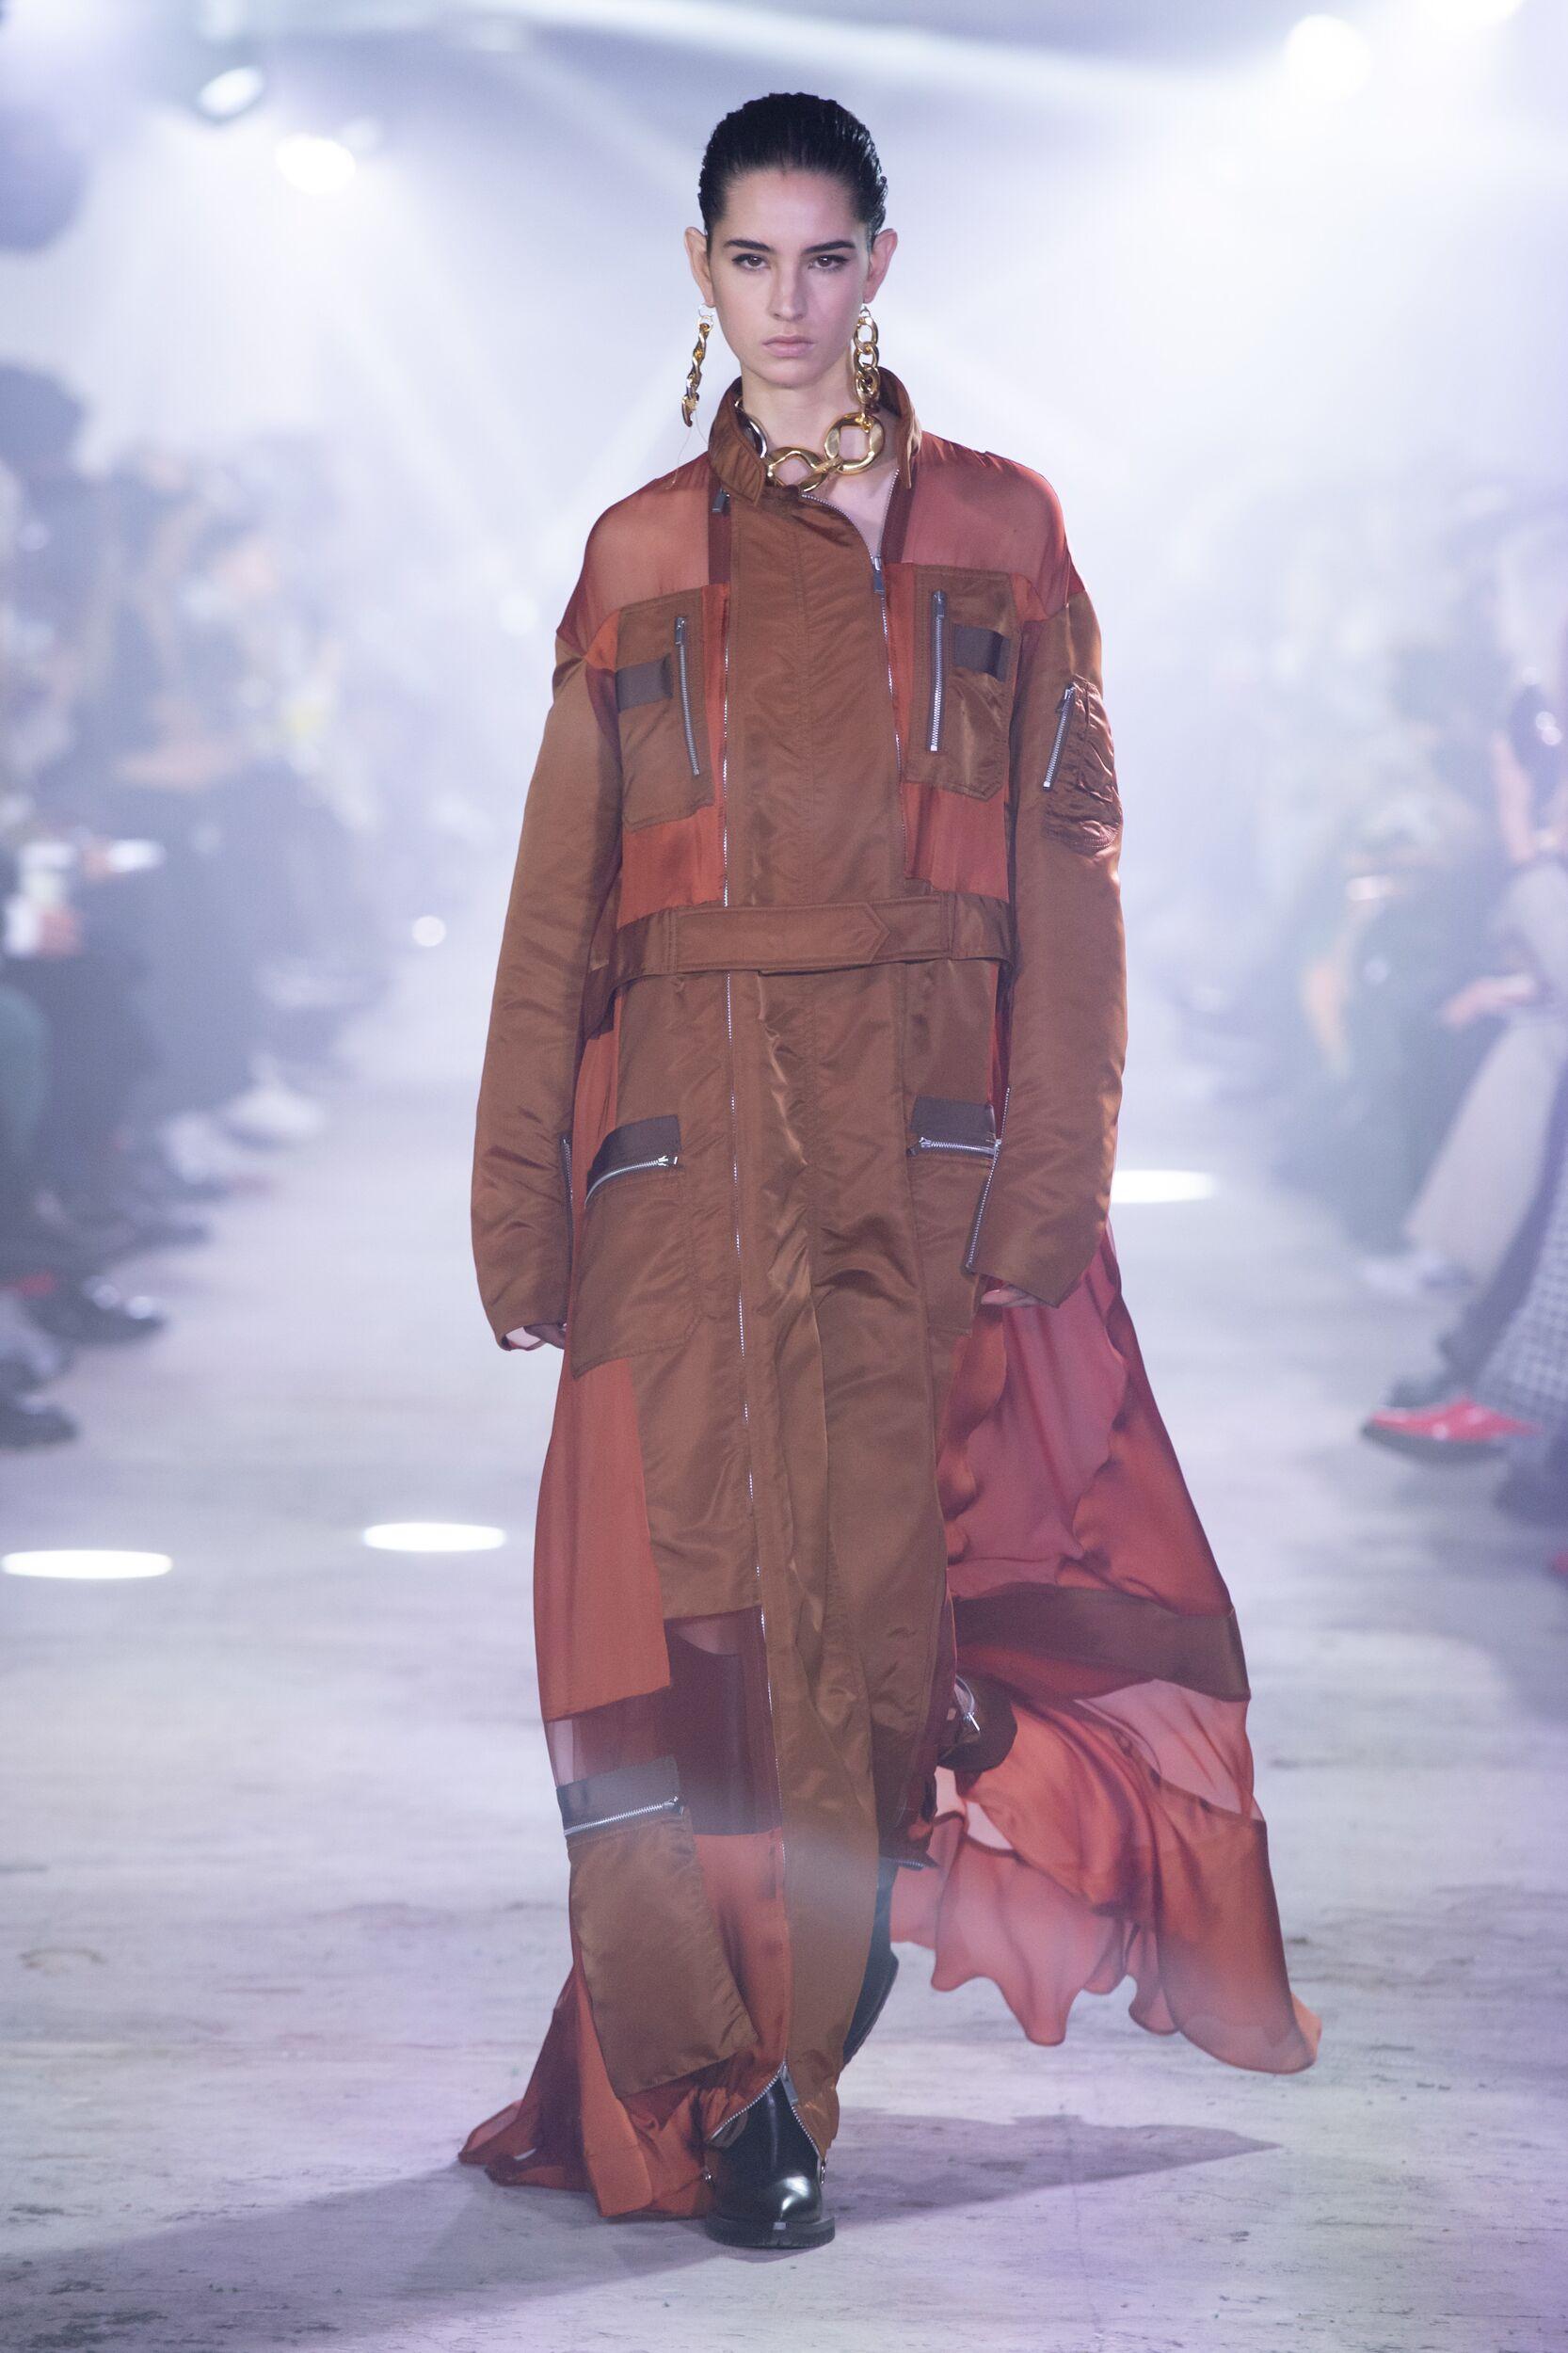 Runway Sacai Fall Winter 2020 Women's Collection Paris Fashion Week